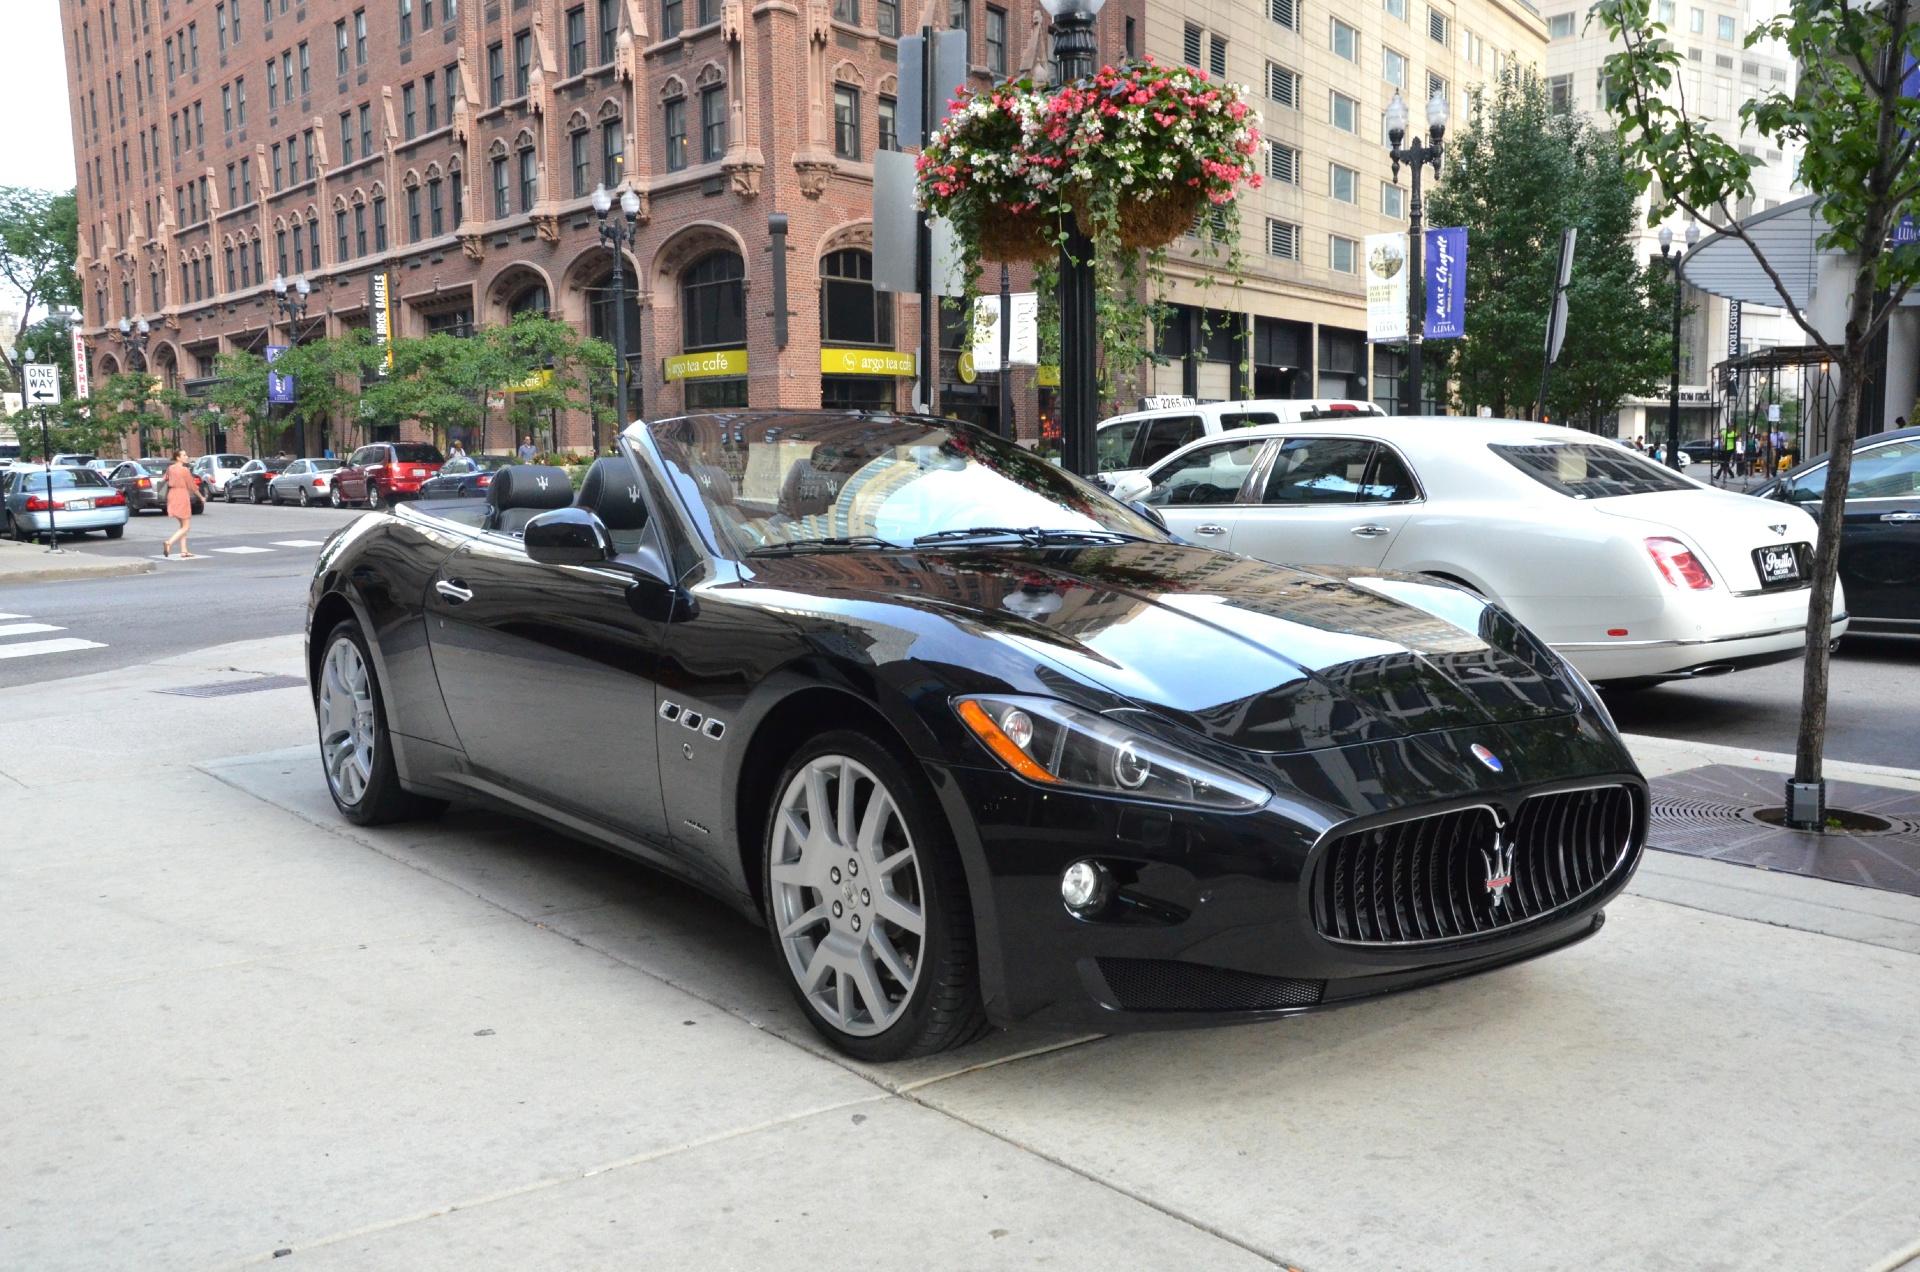 2012 maserati granturismo convertible stock b381aa for sale near chicago il il maserati dealer. Black Bedroom Furniture Sets. Home Design Ideas